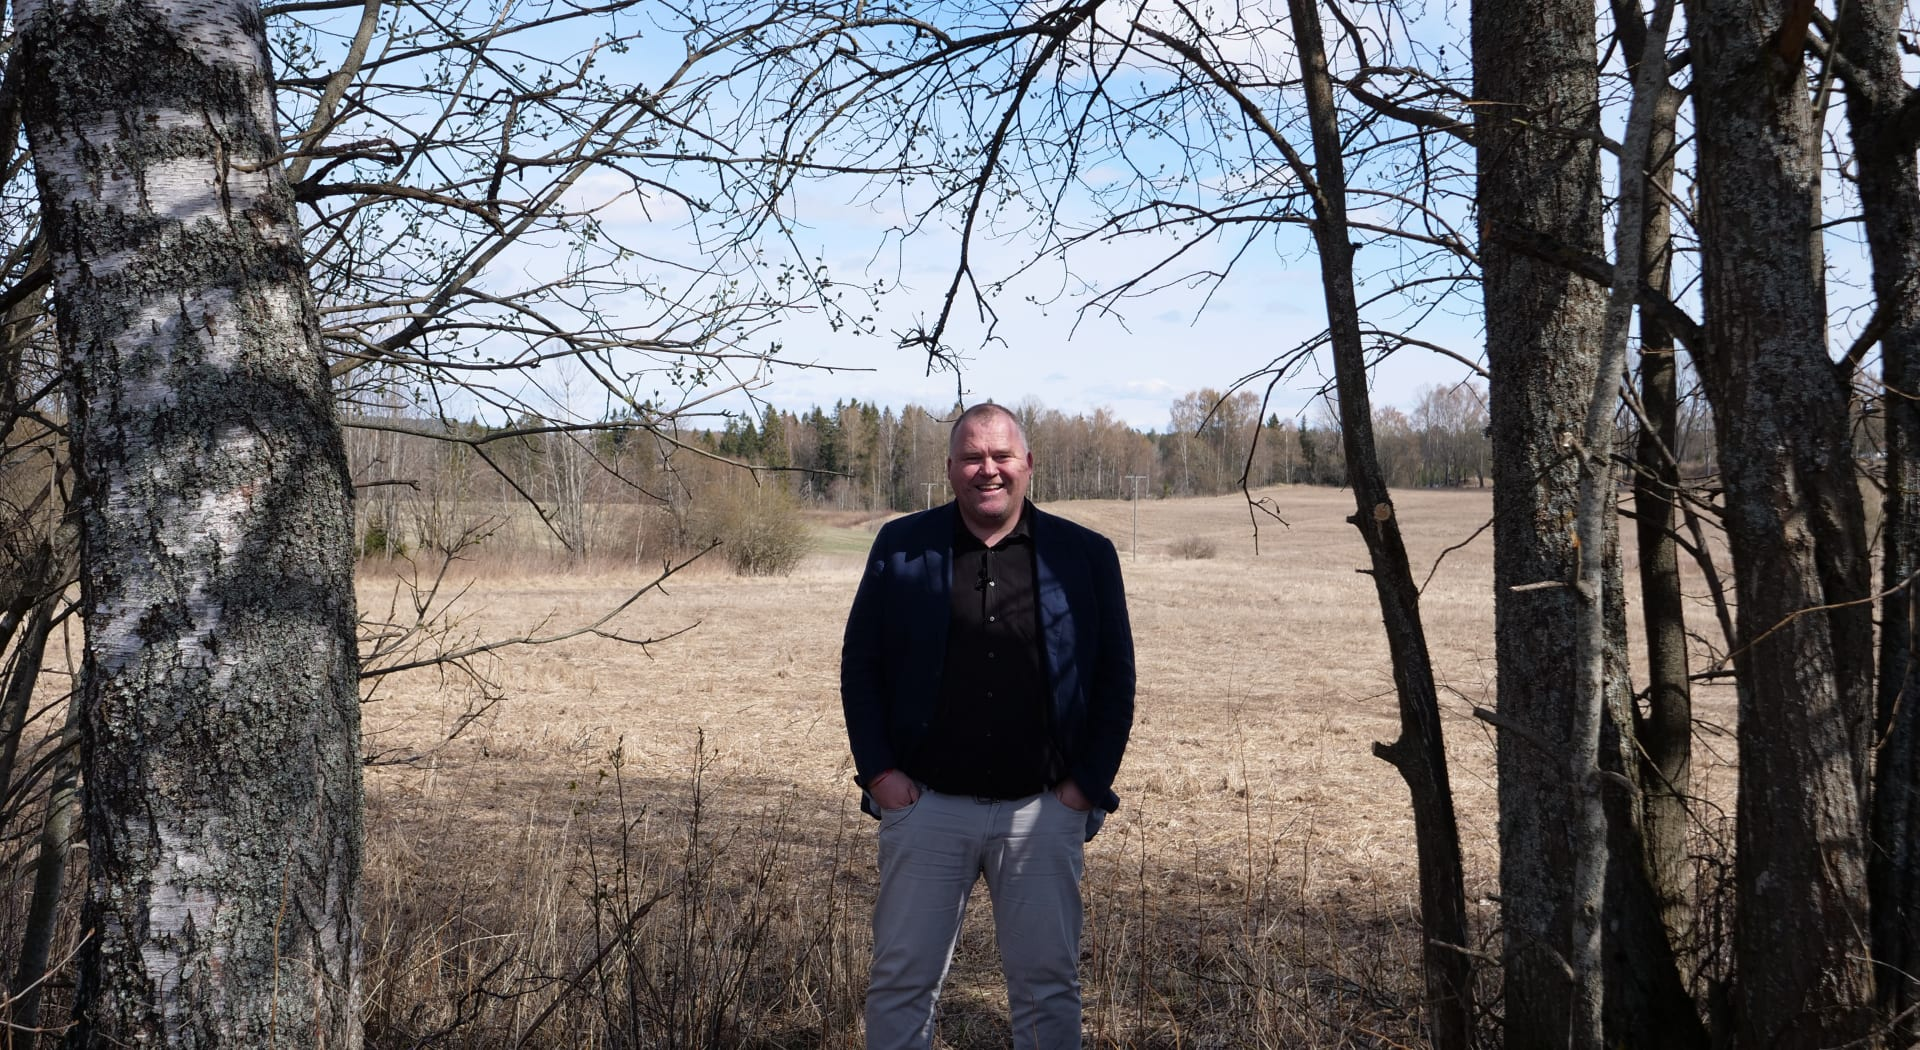 Salgssjef Thomas Johan Hagen viser frem Lørenfallet hage